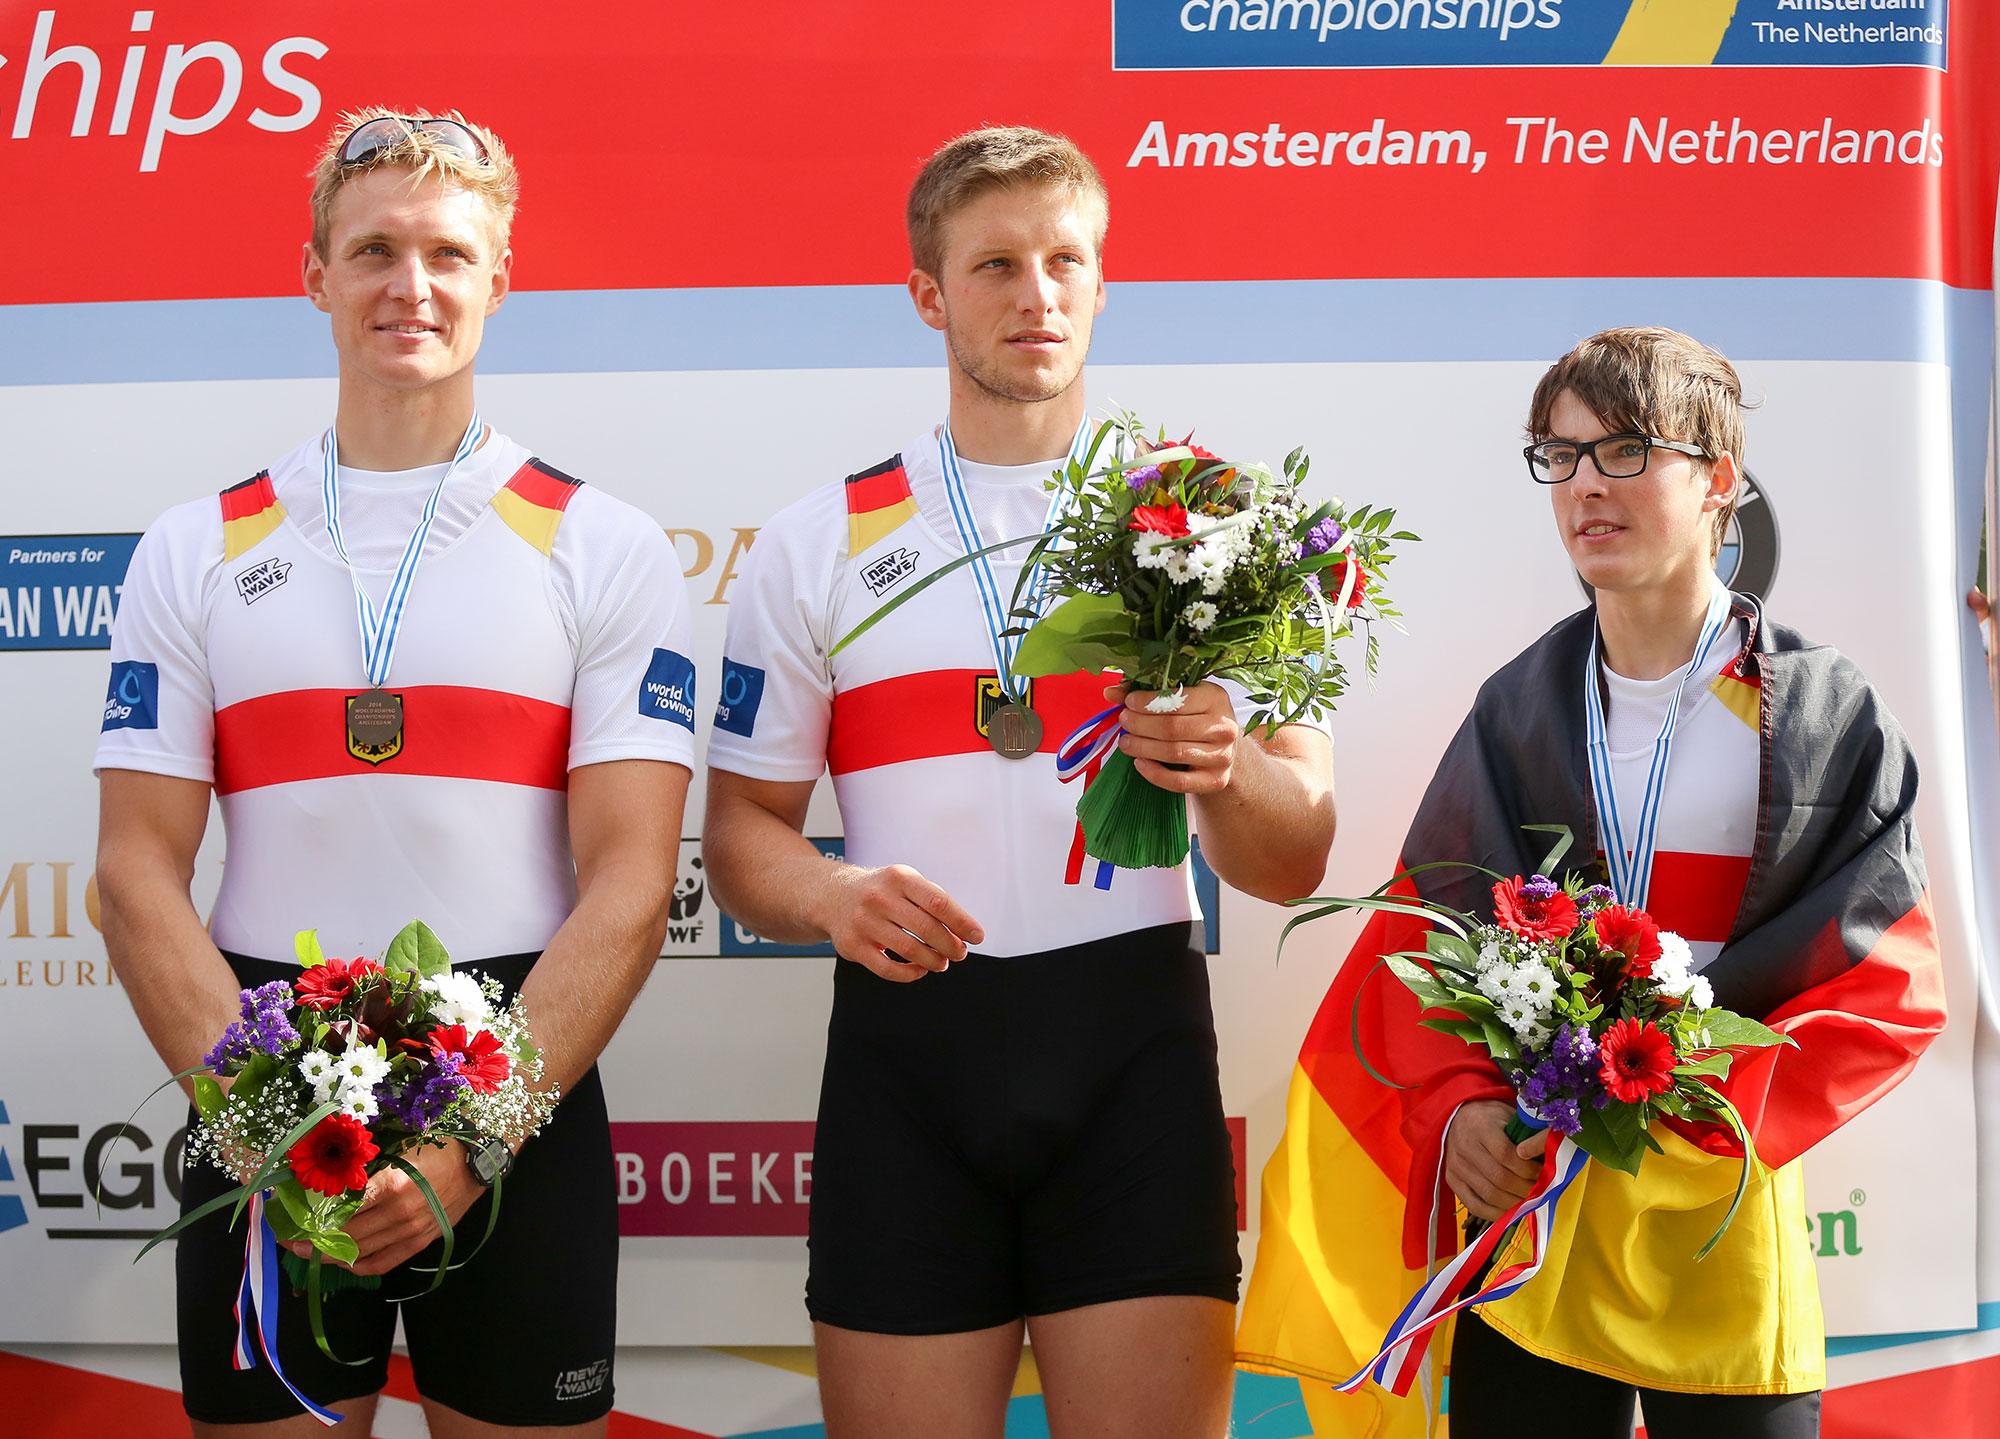 Noch um den Hals, bald auf dem elterlichen Dachboden: die WM-Bronzemedaille von Ruder-Riese Peter Kluge (l). Foto: Oliver Quickert, www.rudern.de